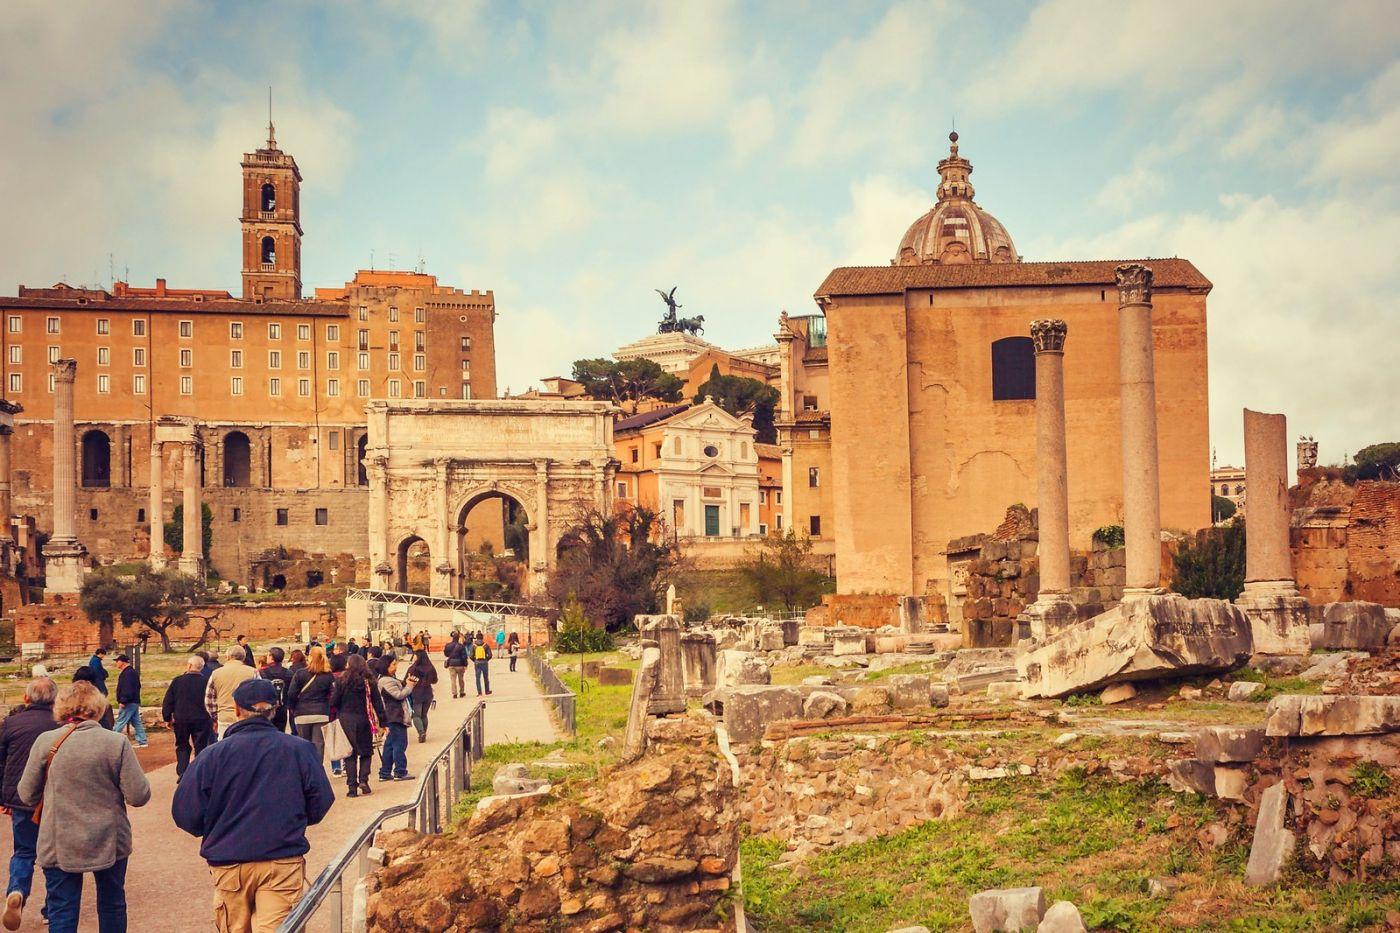 意大利罗马论坛,很敬佩_图1-32